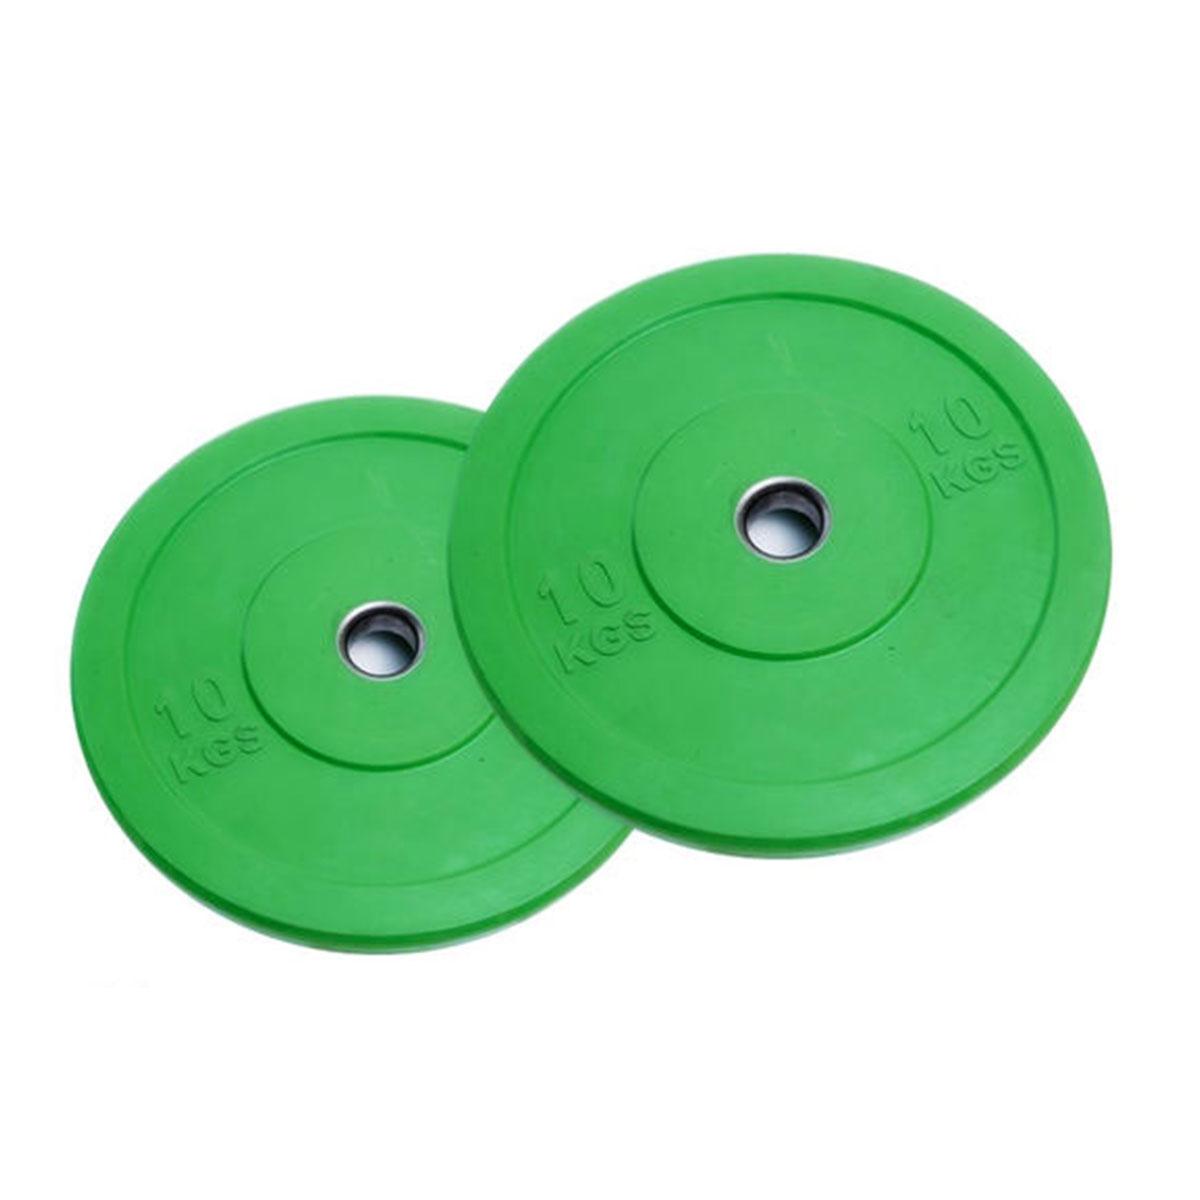 Anilha de Borracha Bumper Plate Furação Olímpica 10,00kg Wellness